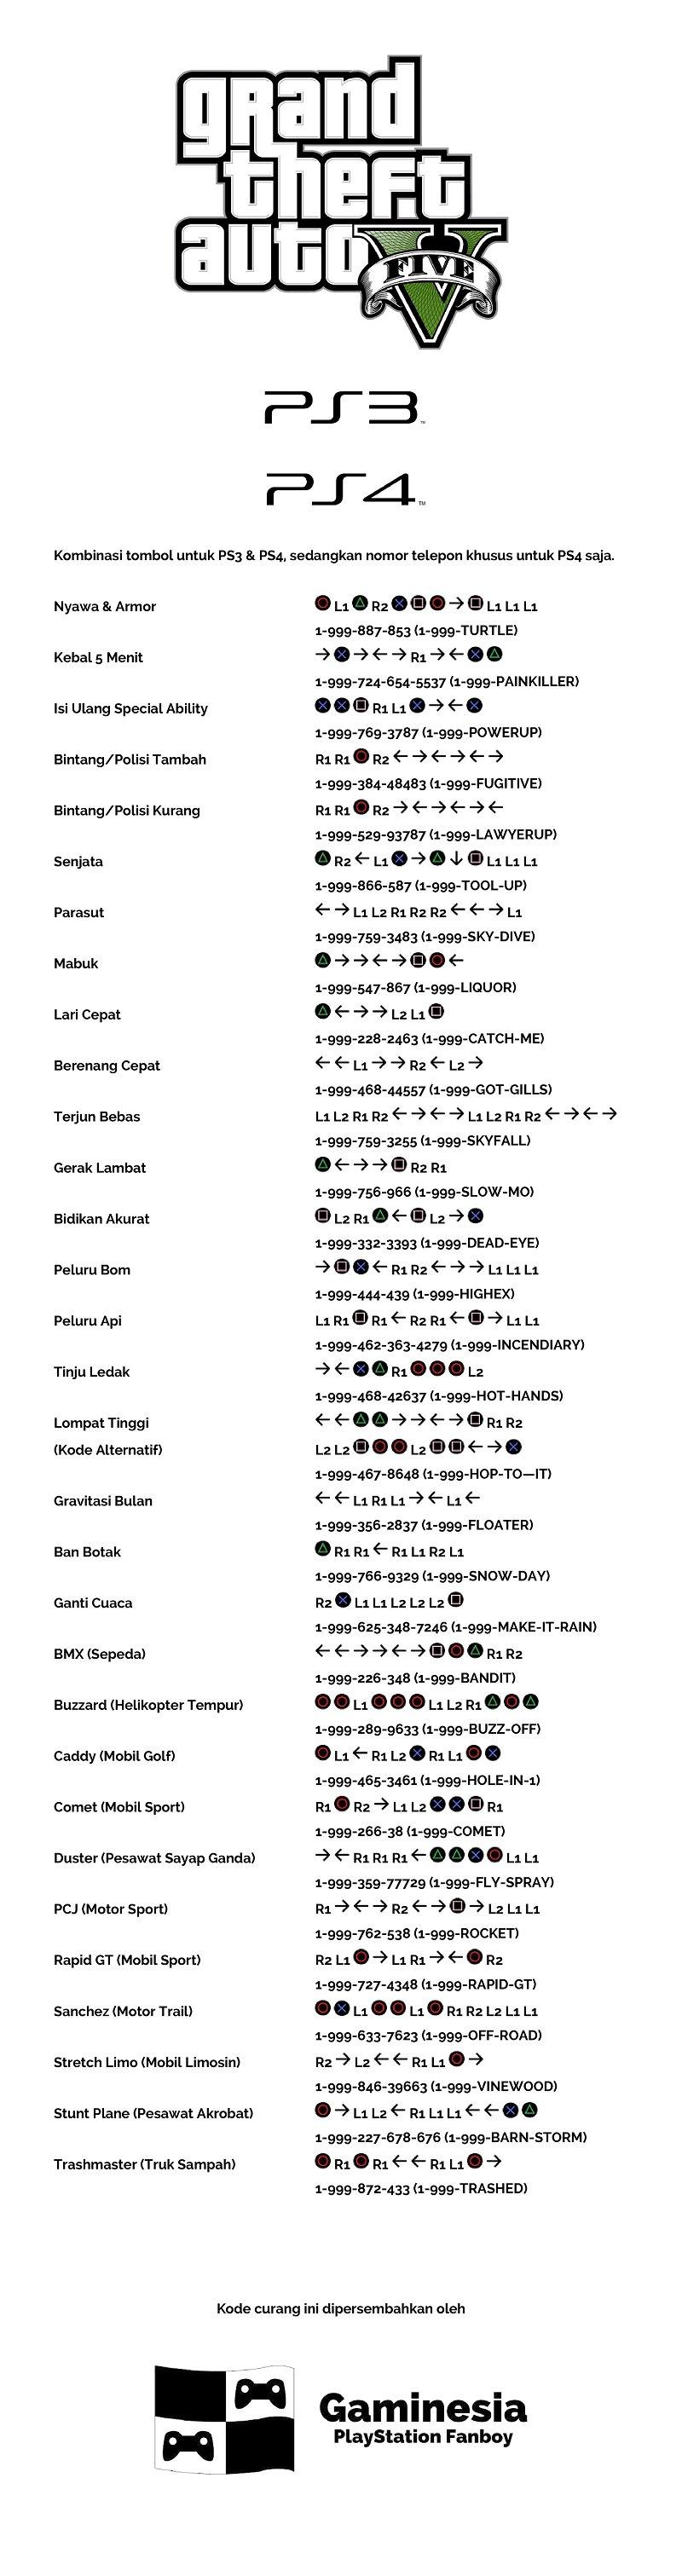 Kode Curang GTA V PS3 & PS4